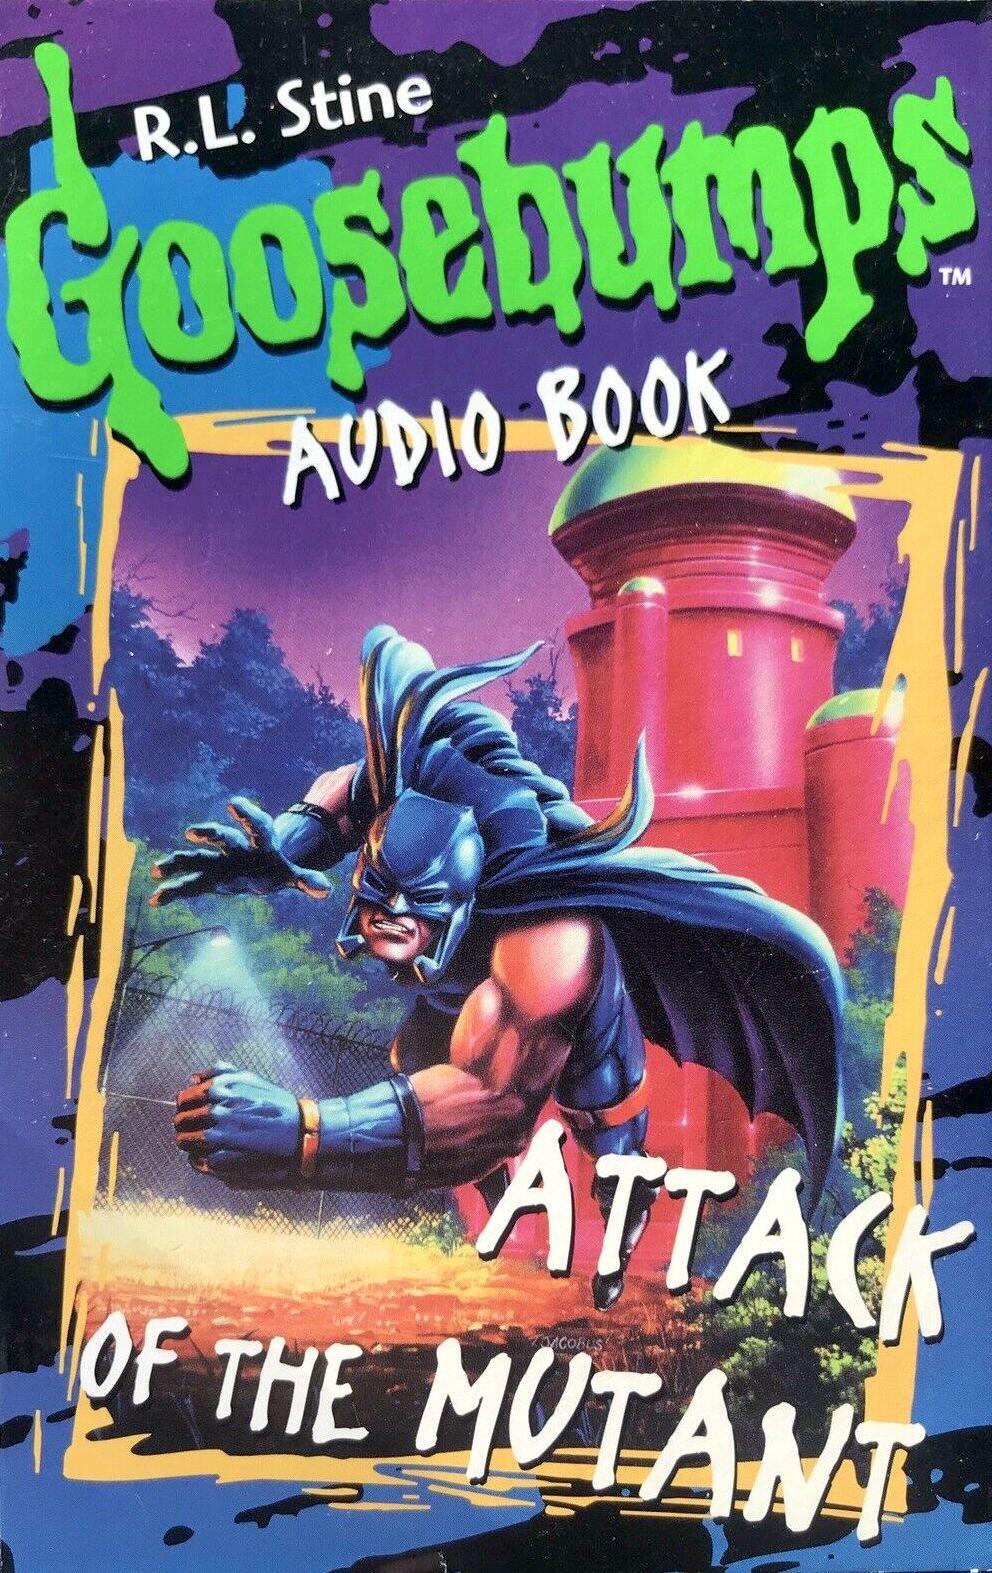 List of Goosebumps audiobooks